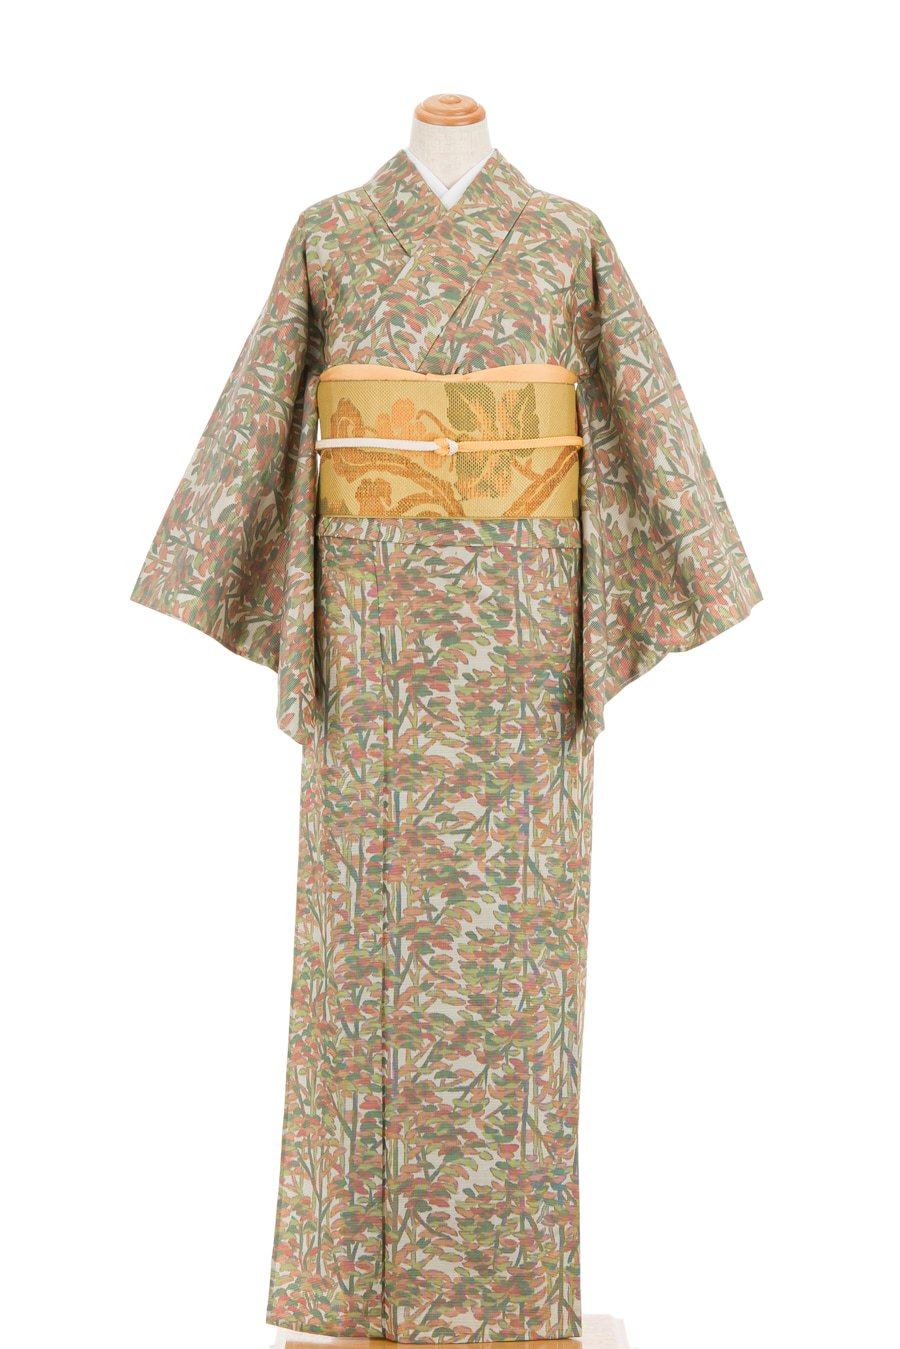 「単衣 紬 木の縞」の商品画像